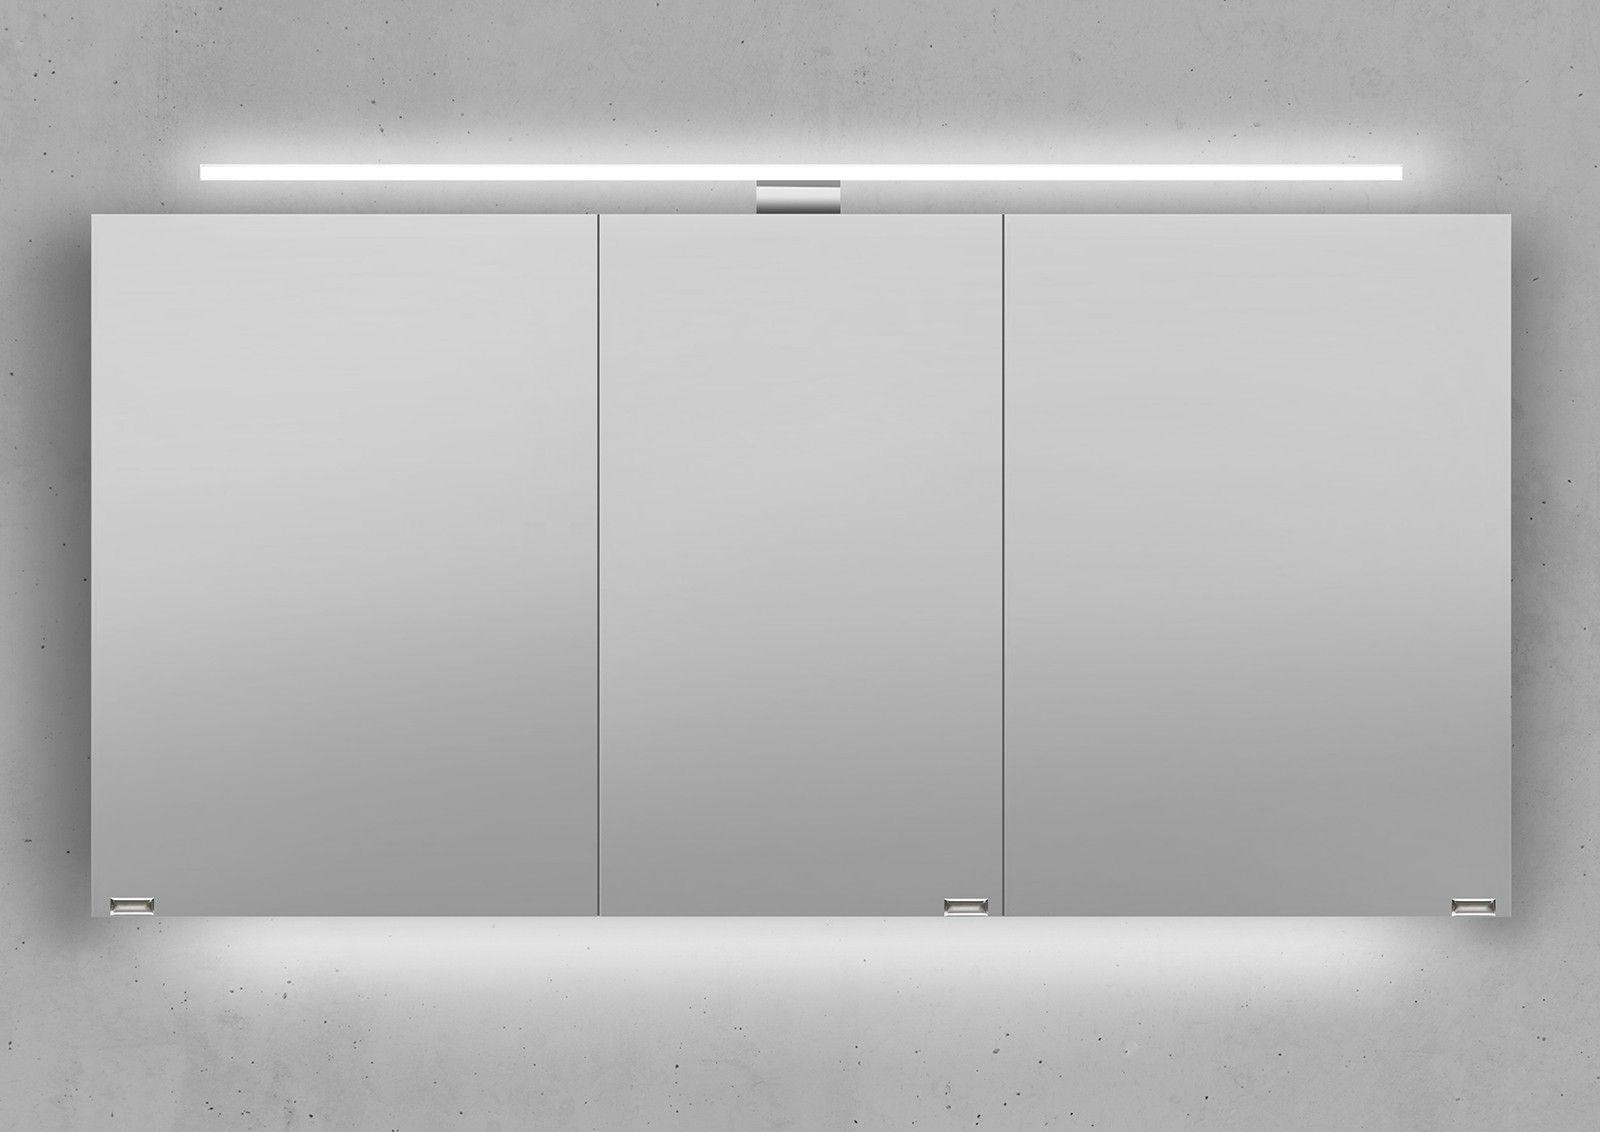 Designbaeder Com Spiegelschrank Badspiegelschrank Led Aufbauleuchte